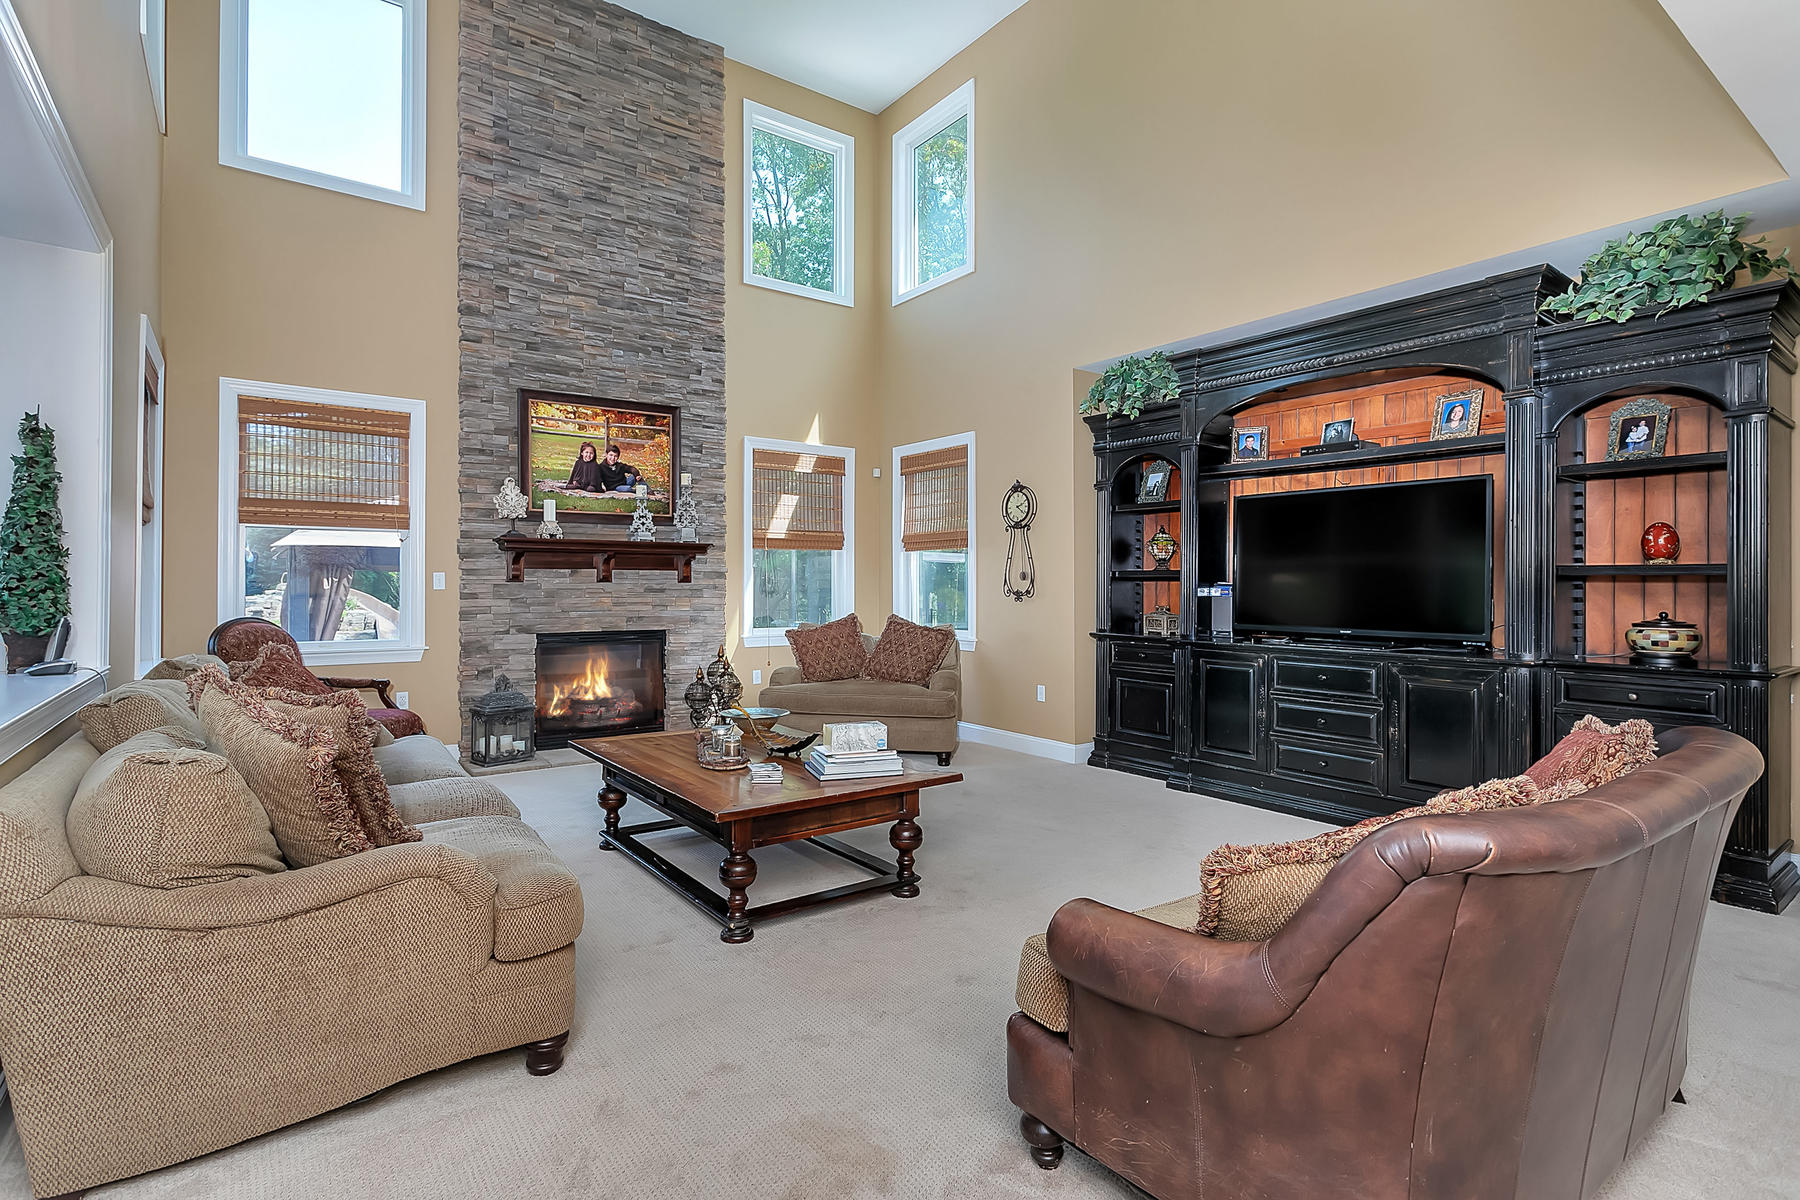 独户住宅 为 销售 在 1643 Mink Court 汤姆斯河, 新泽西州 08753 美国